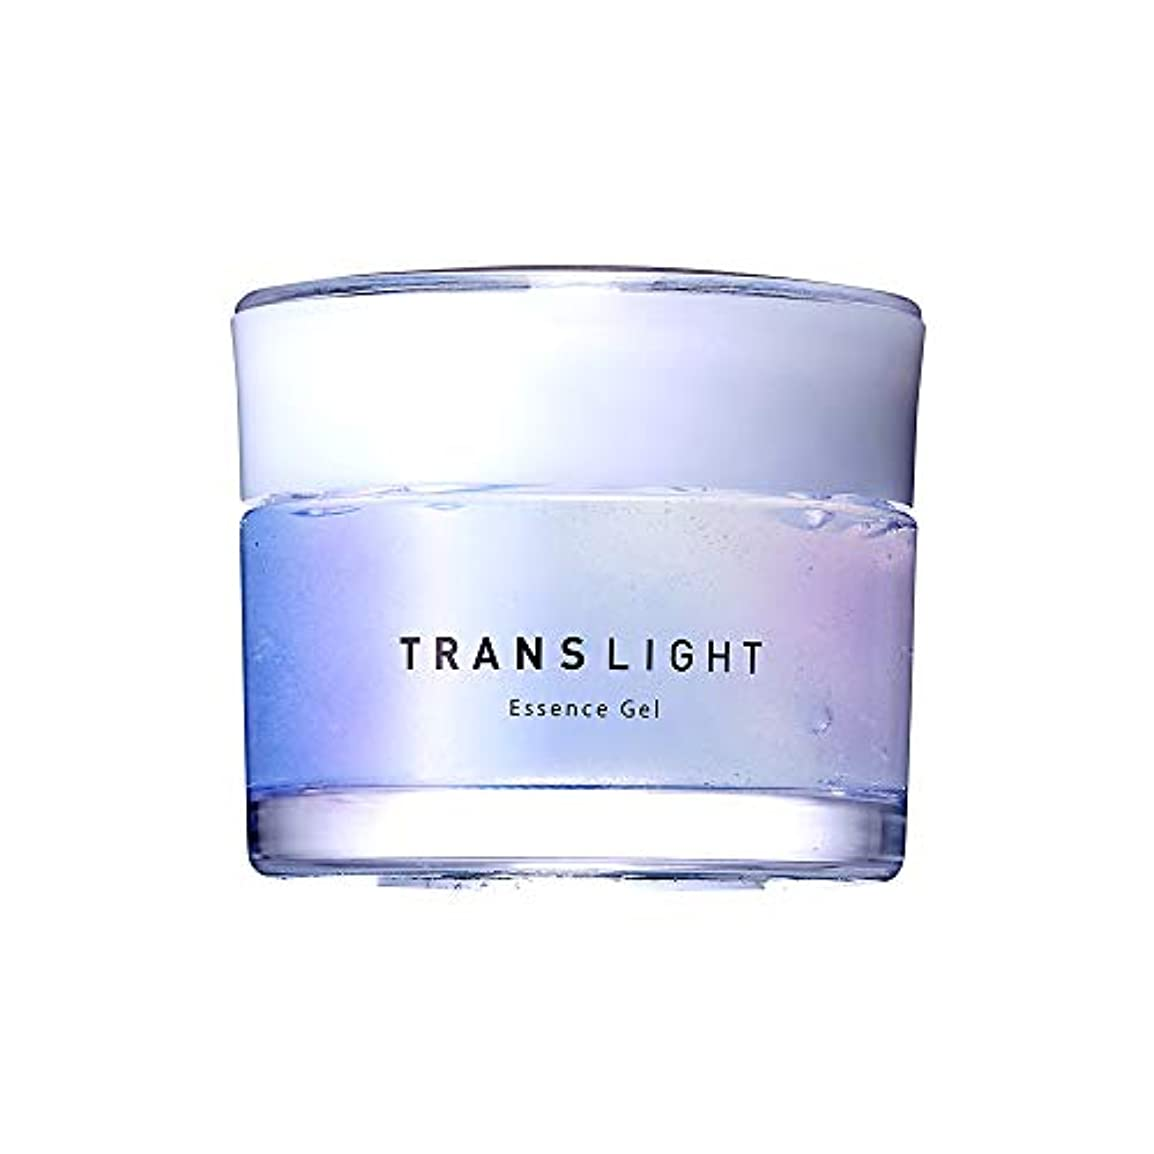 従事したあからさま説得力のあるTRANSLIGHT トランスライト エッセンスジェル <ジェル状美容液> 30g